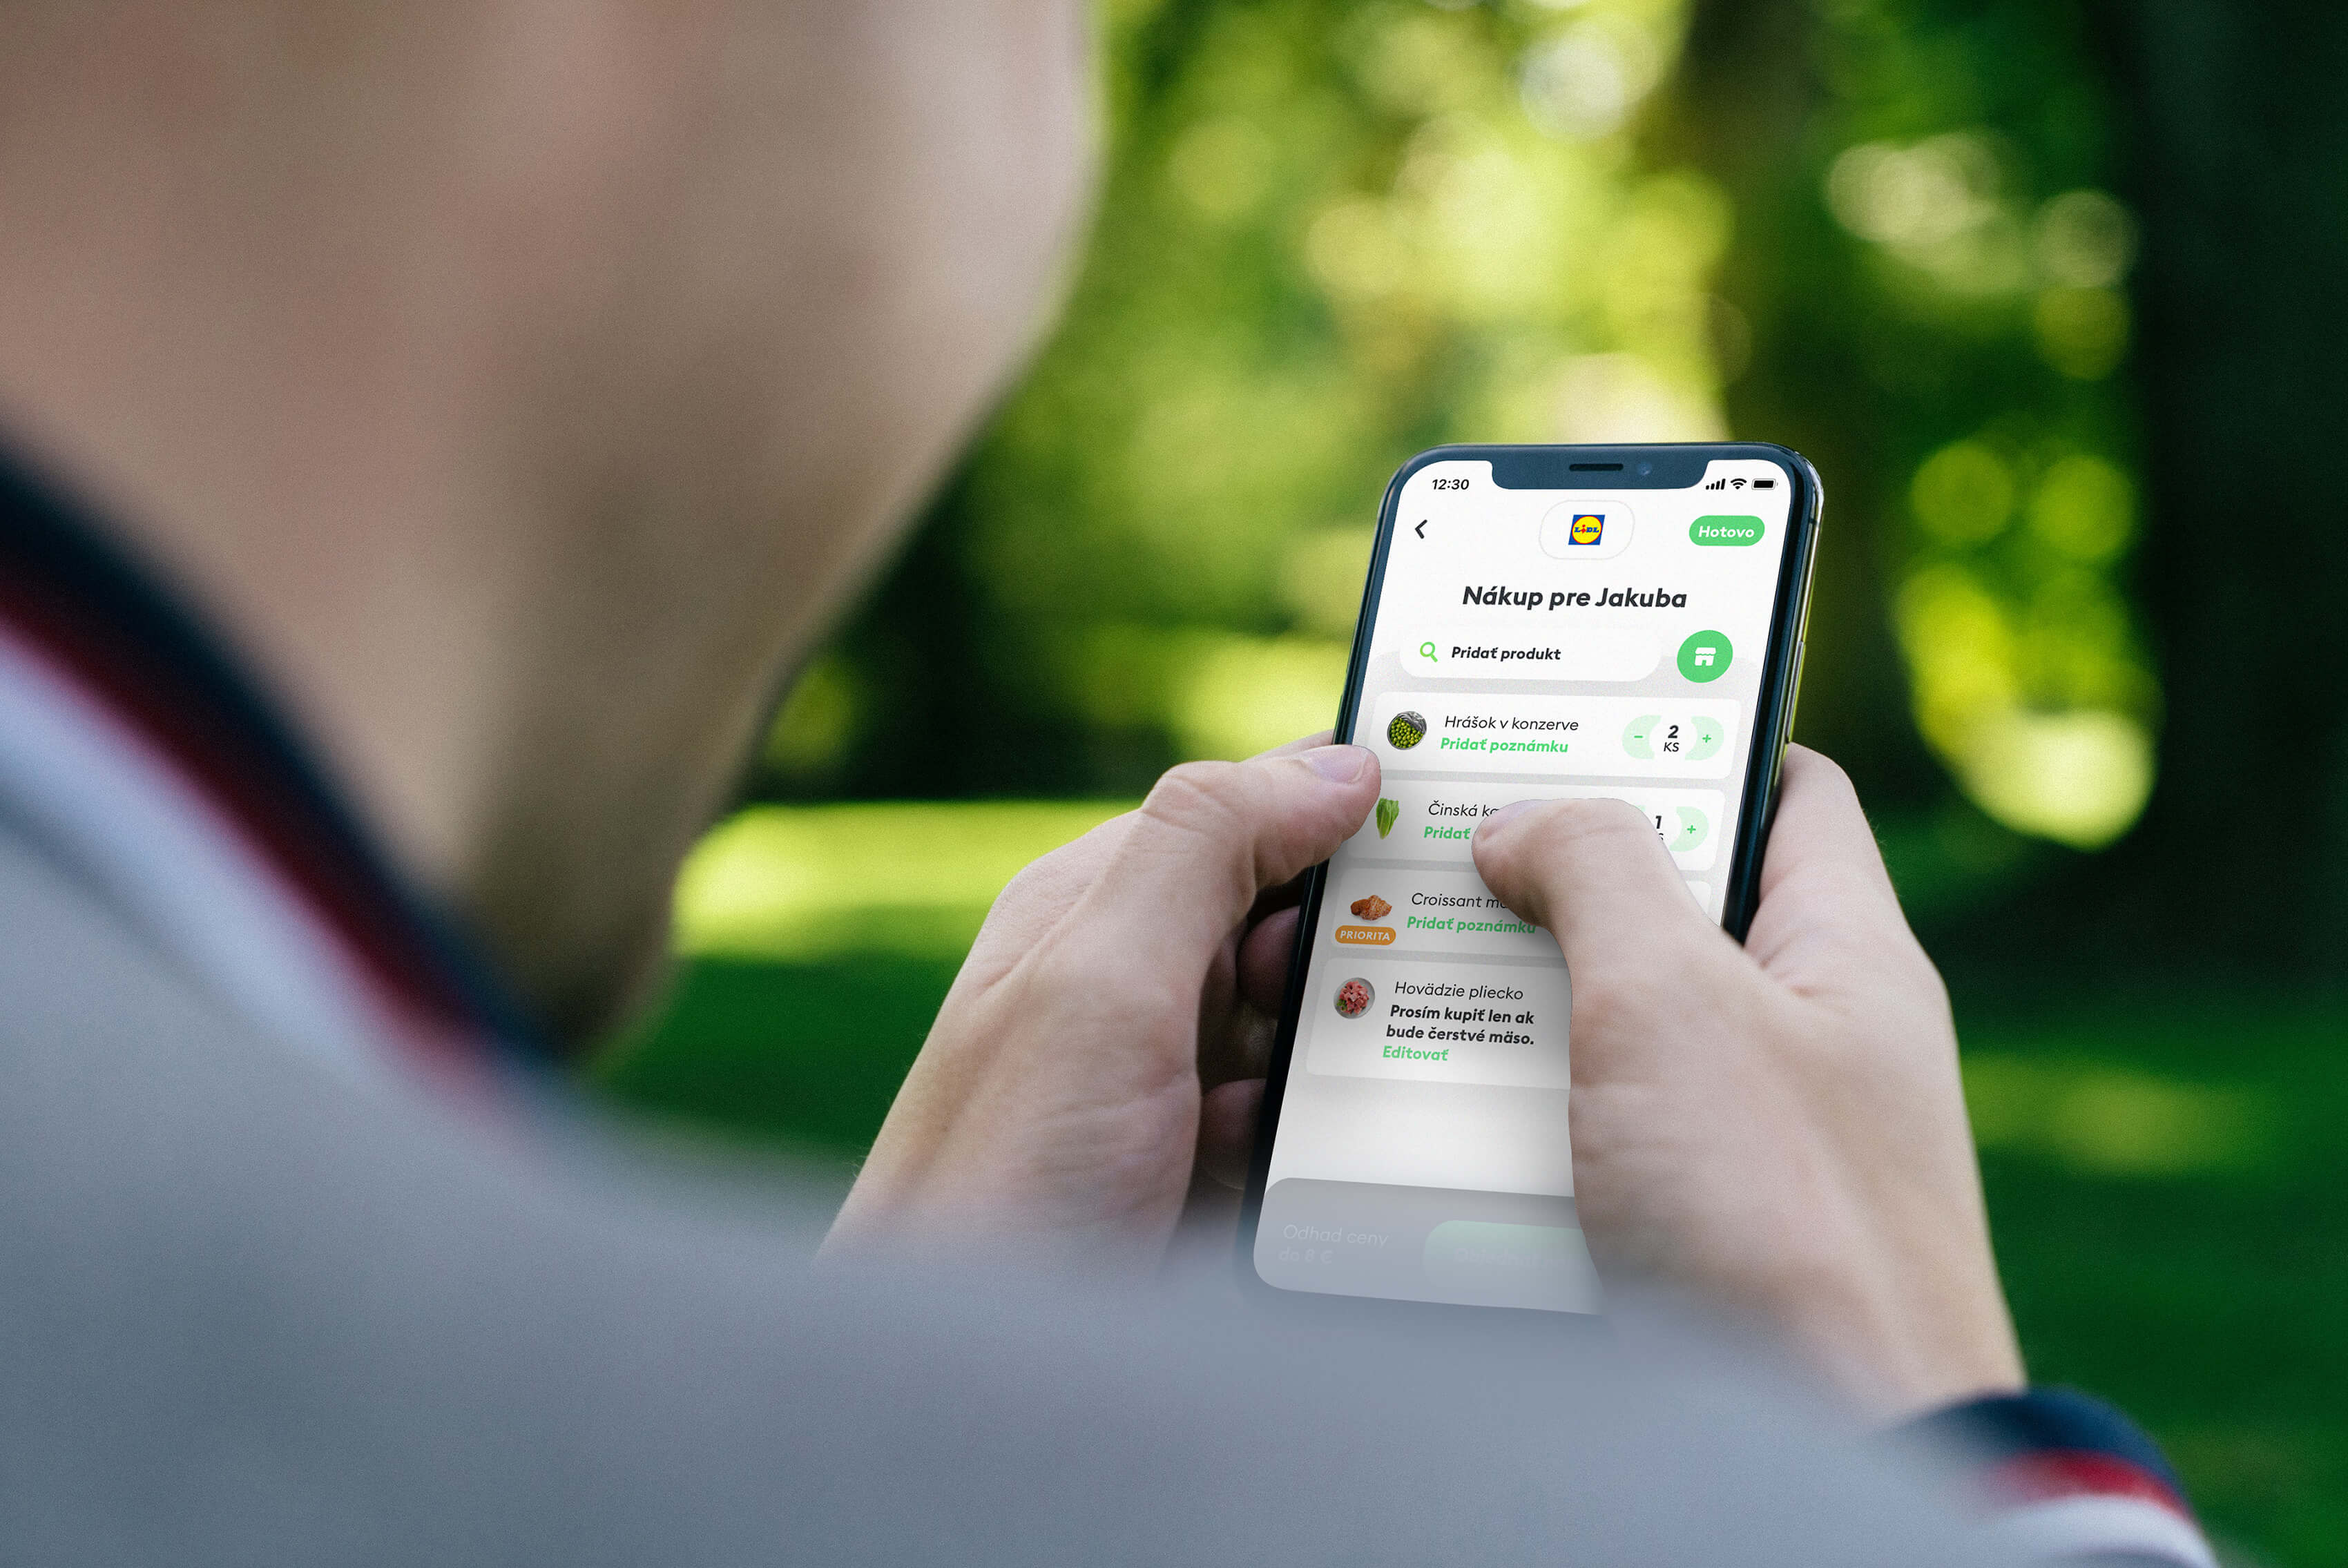 Muž držící mobilní telefon s aplikací na objednání potravin.